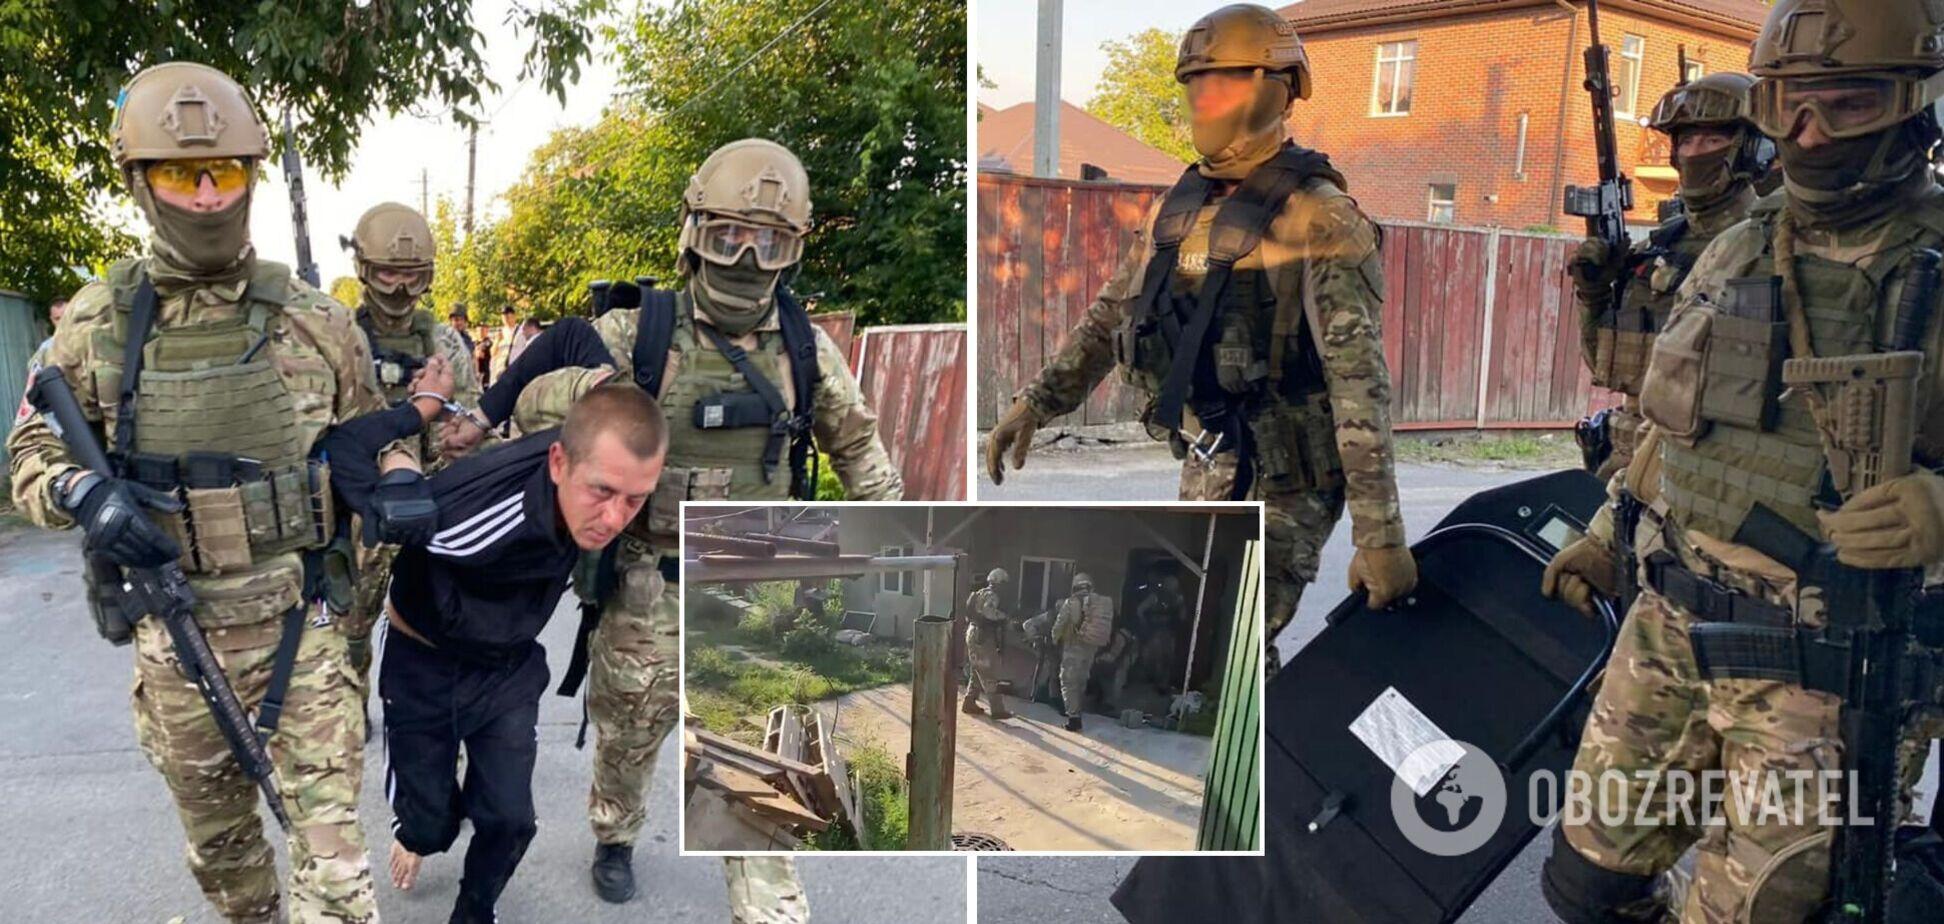 Поджег дом жены и угрожал гранатой: на Киевщине полицейские предотвратили трагедию. Фото